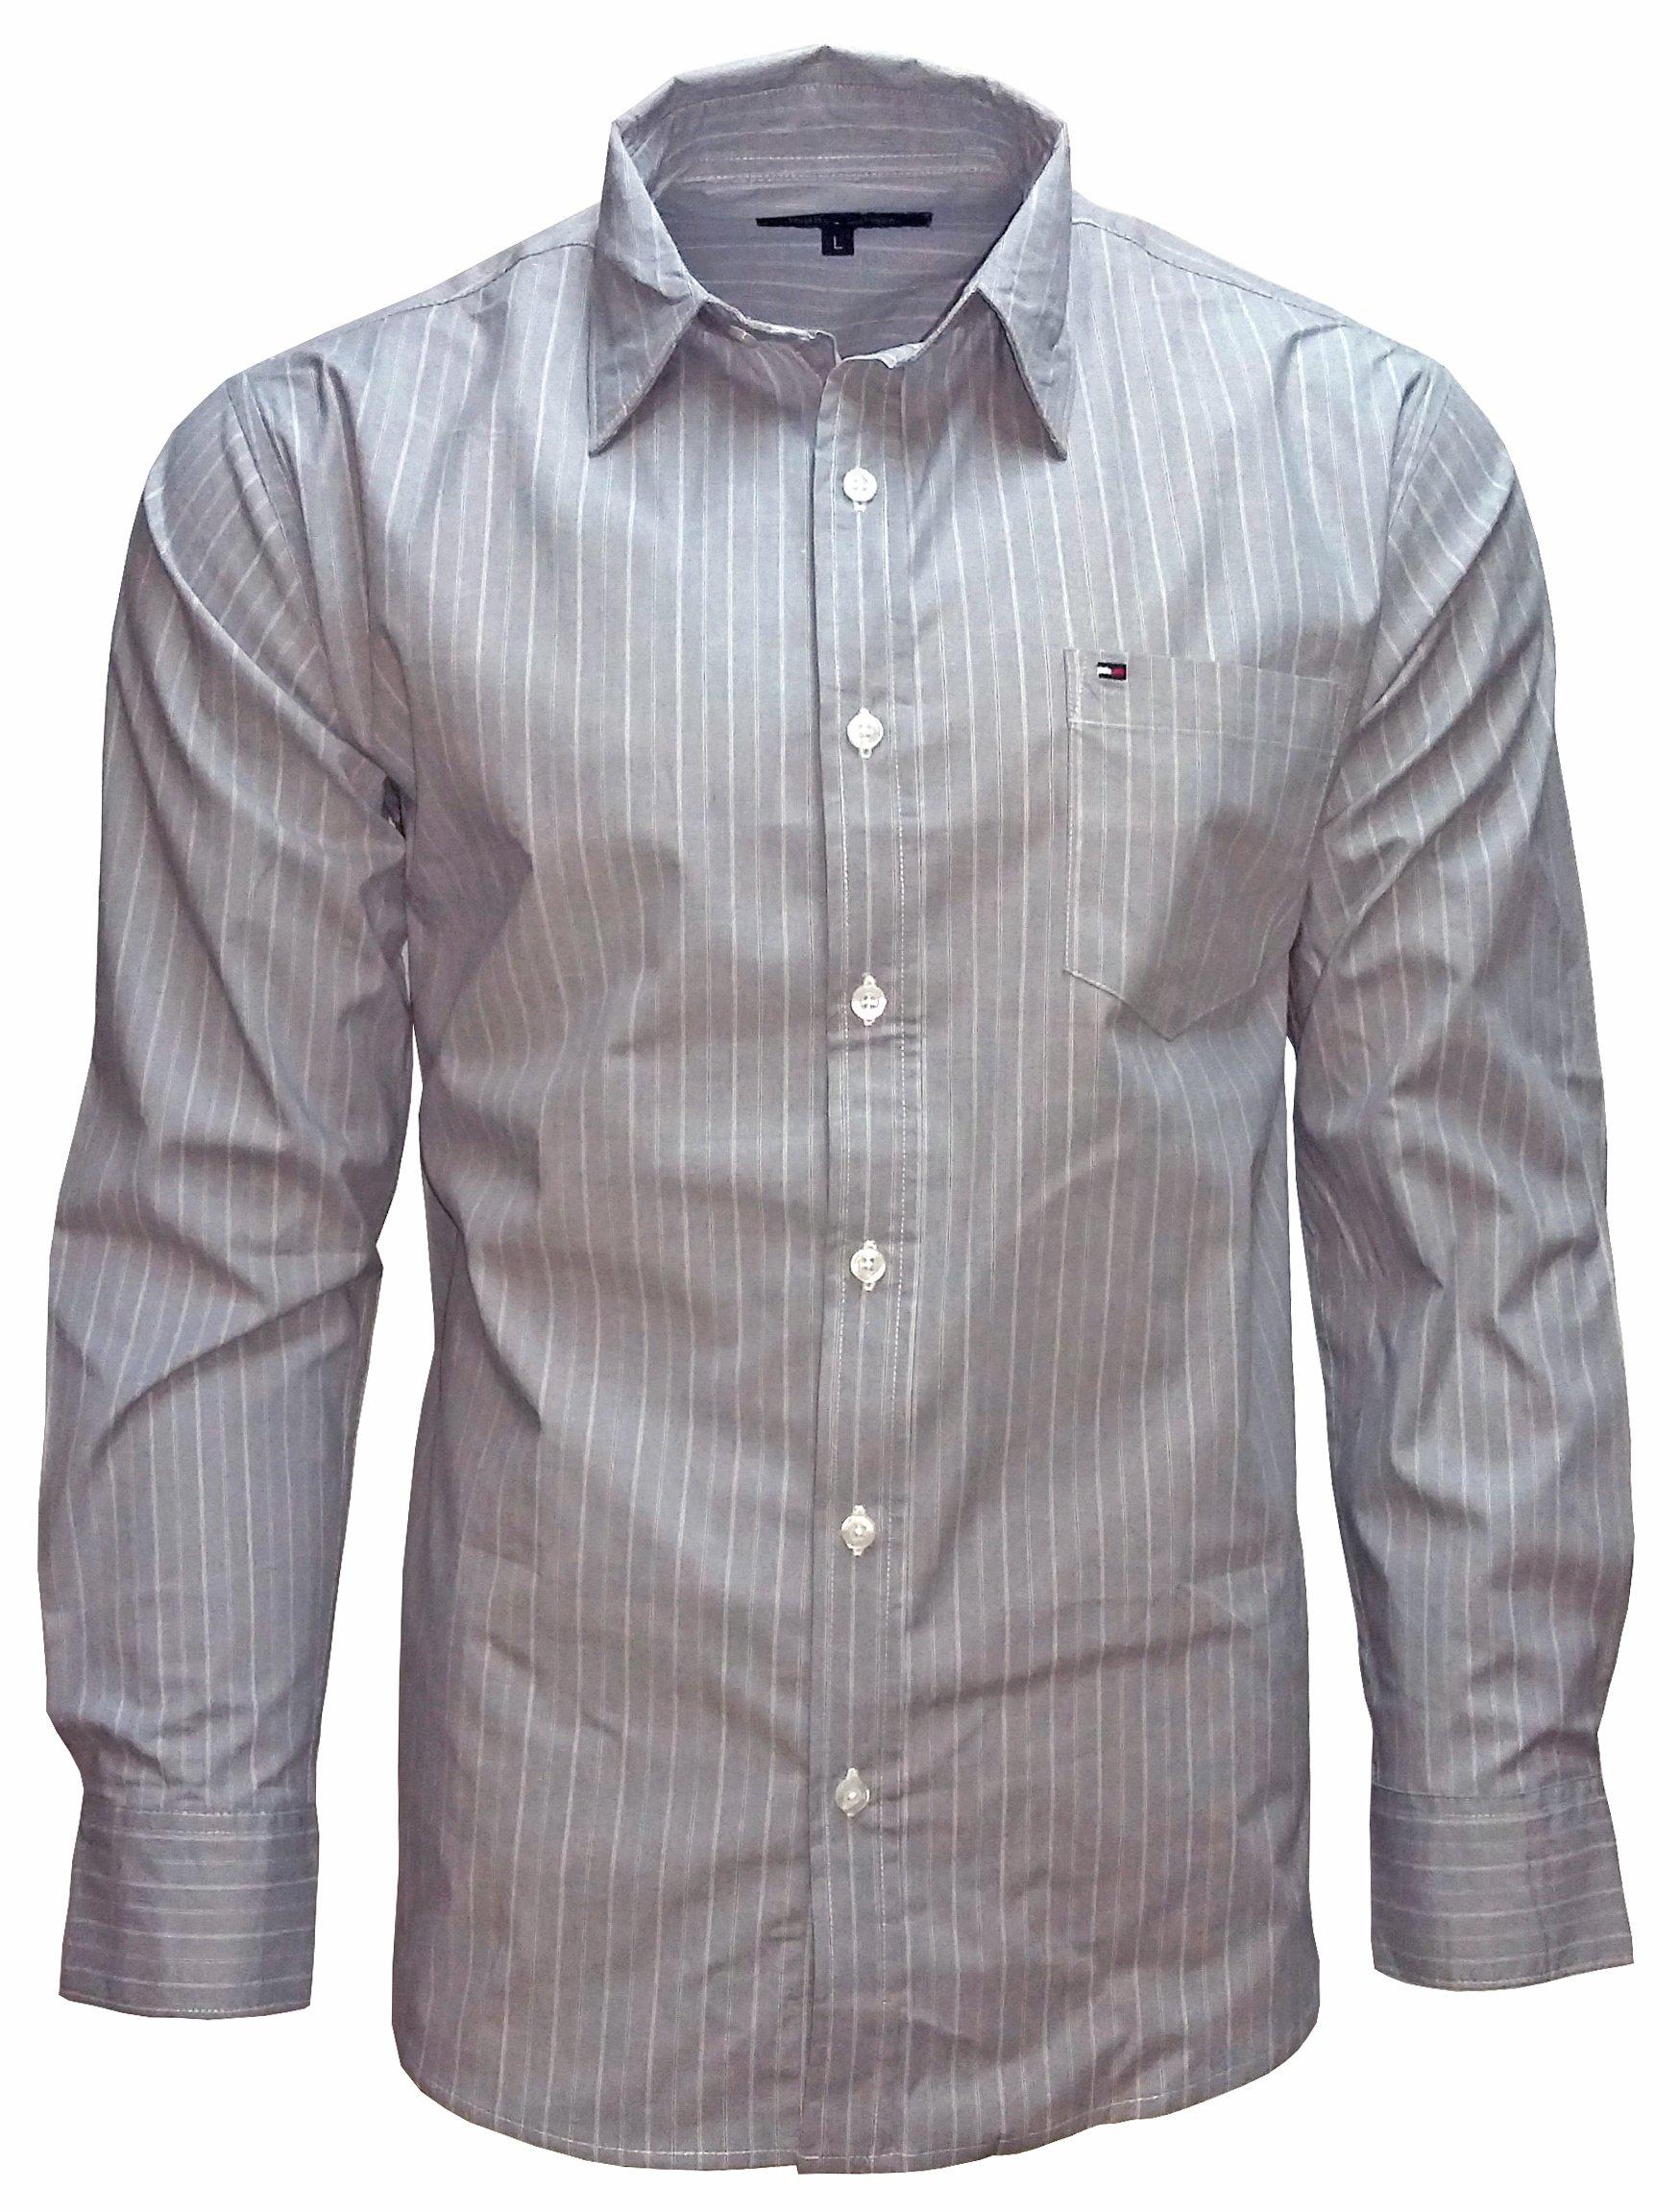 910c61399f1af TOMMY HILFIGER koszula męska NOWA paski XL - 7050246801 - oficjalne ...